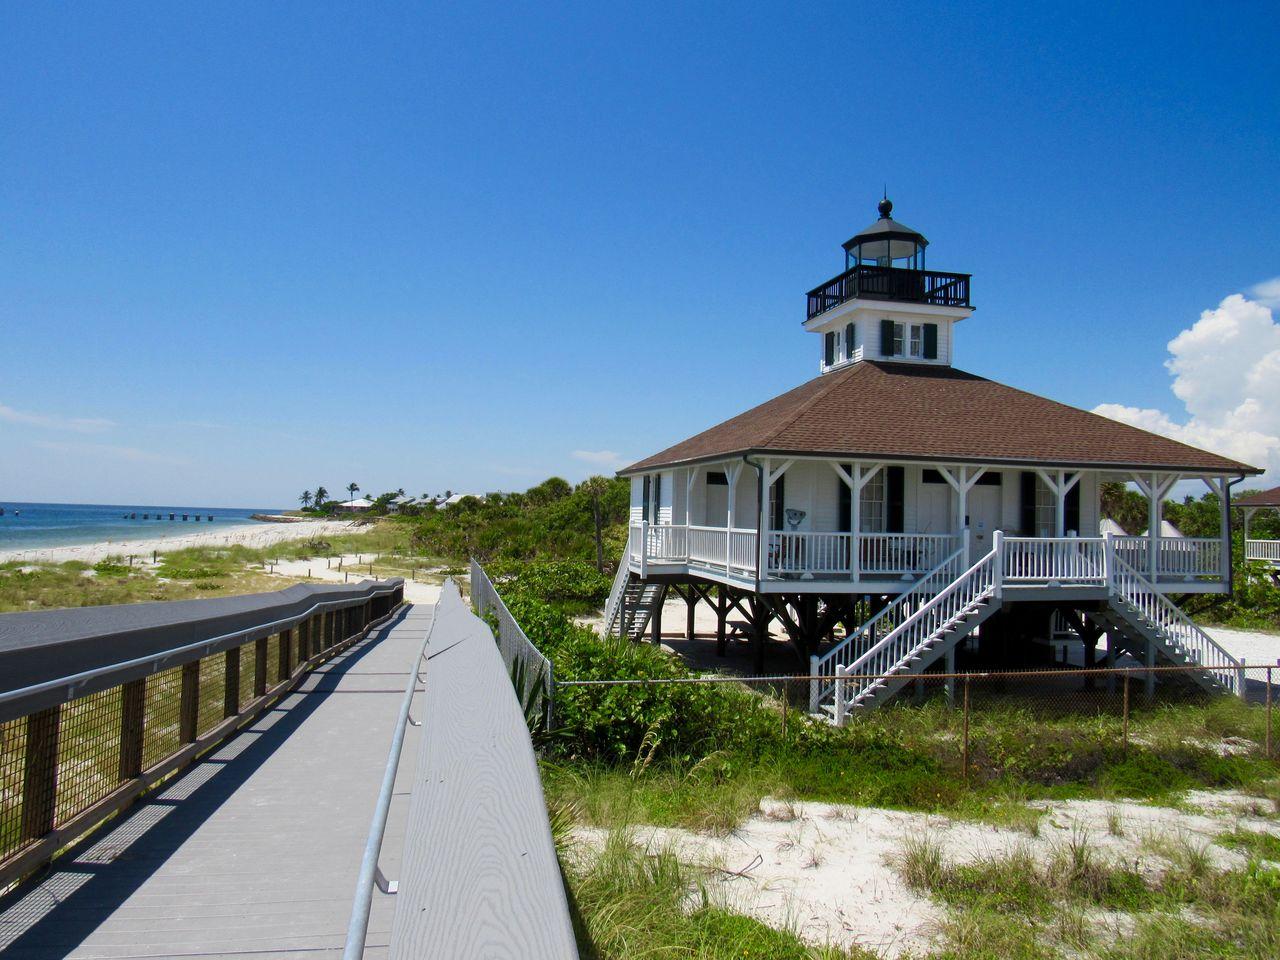 Le phare de Boca Grande, sur Gasparilla Island, sur la côte ouest de la Floride